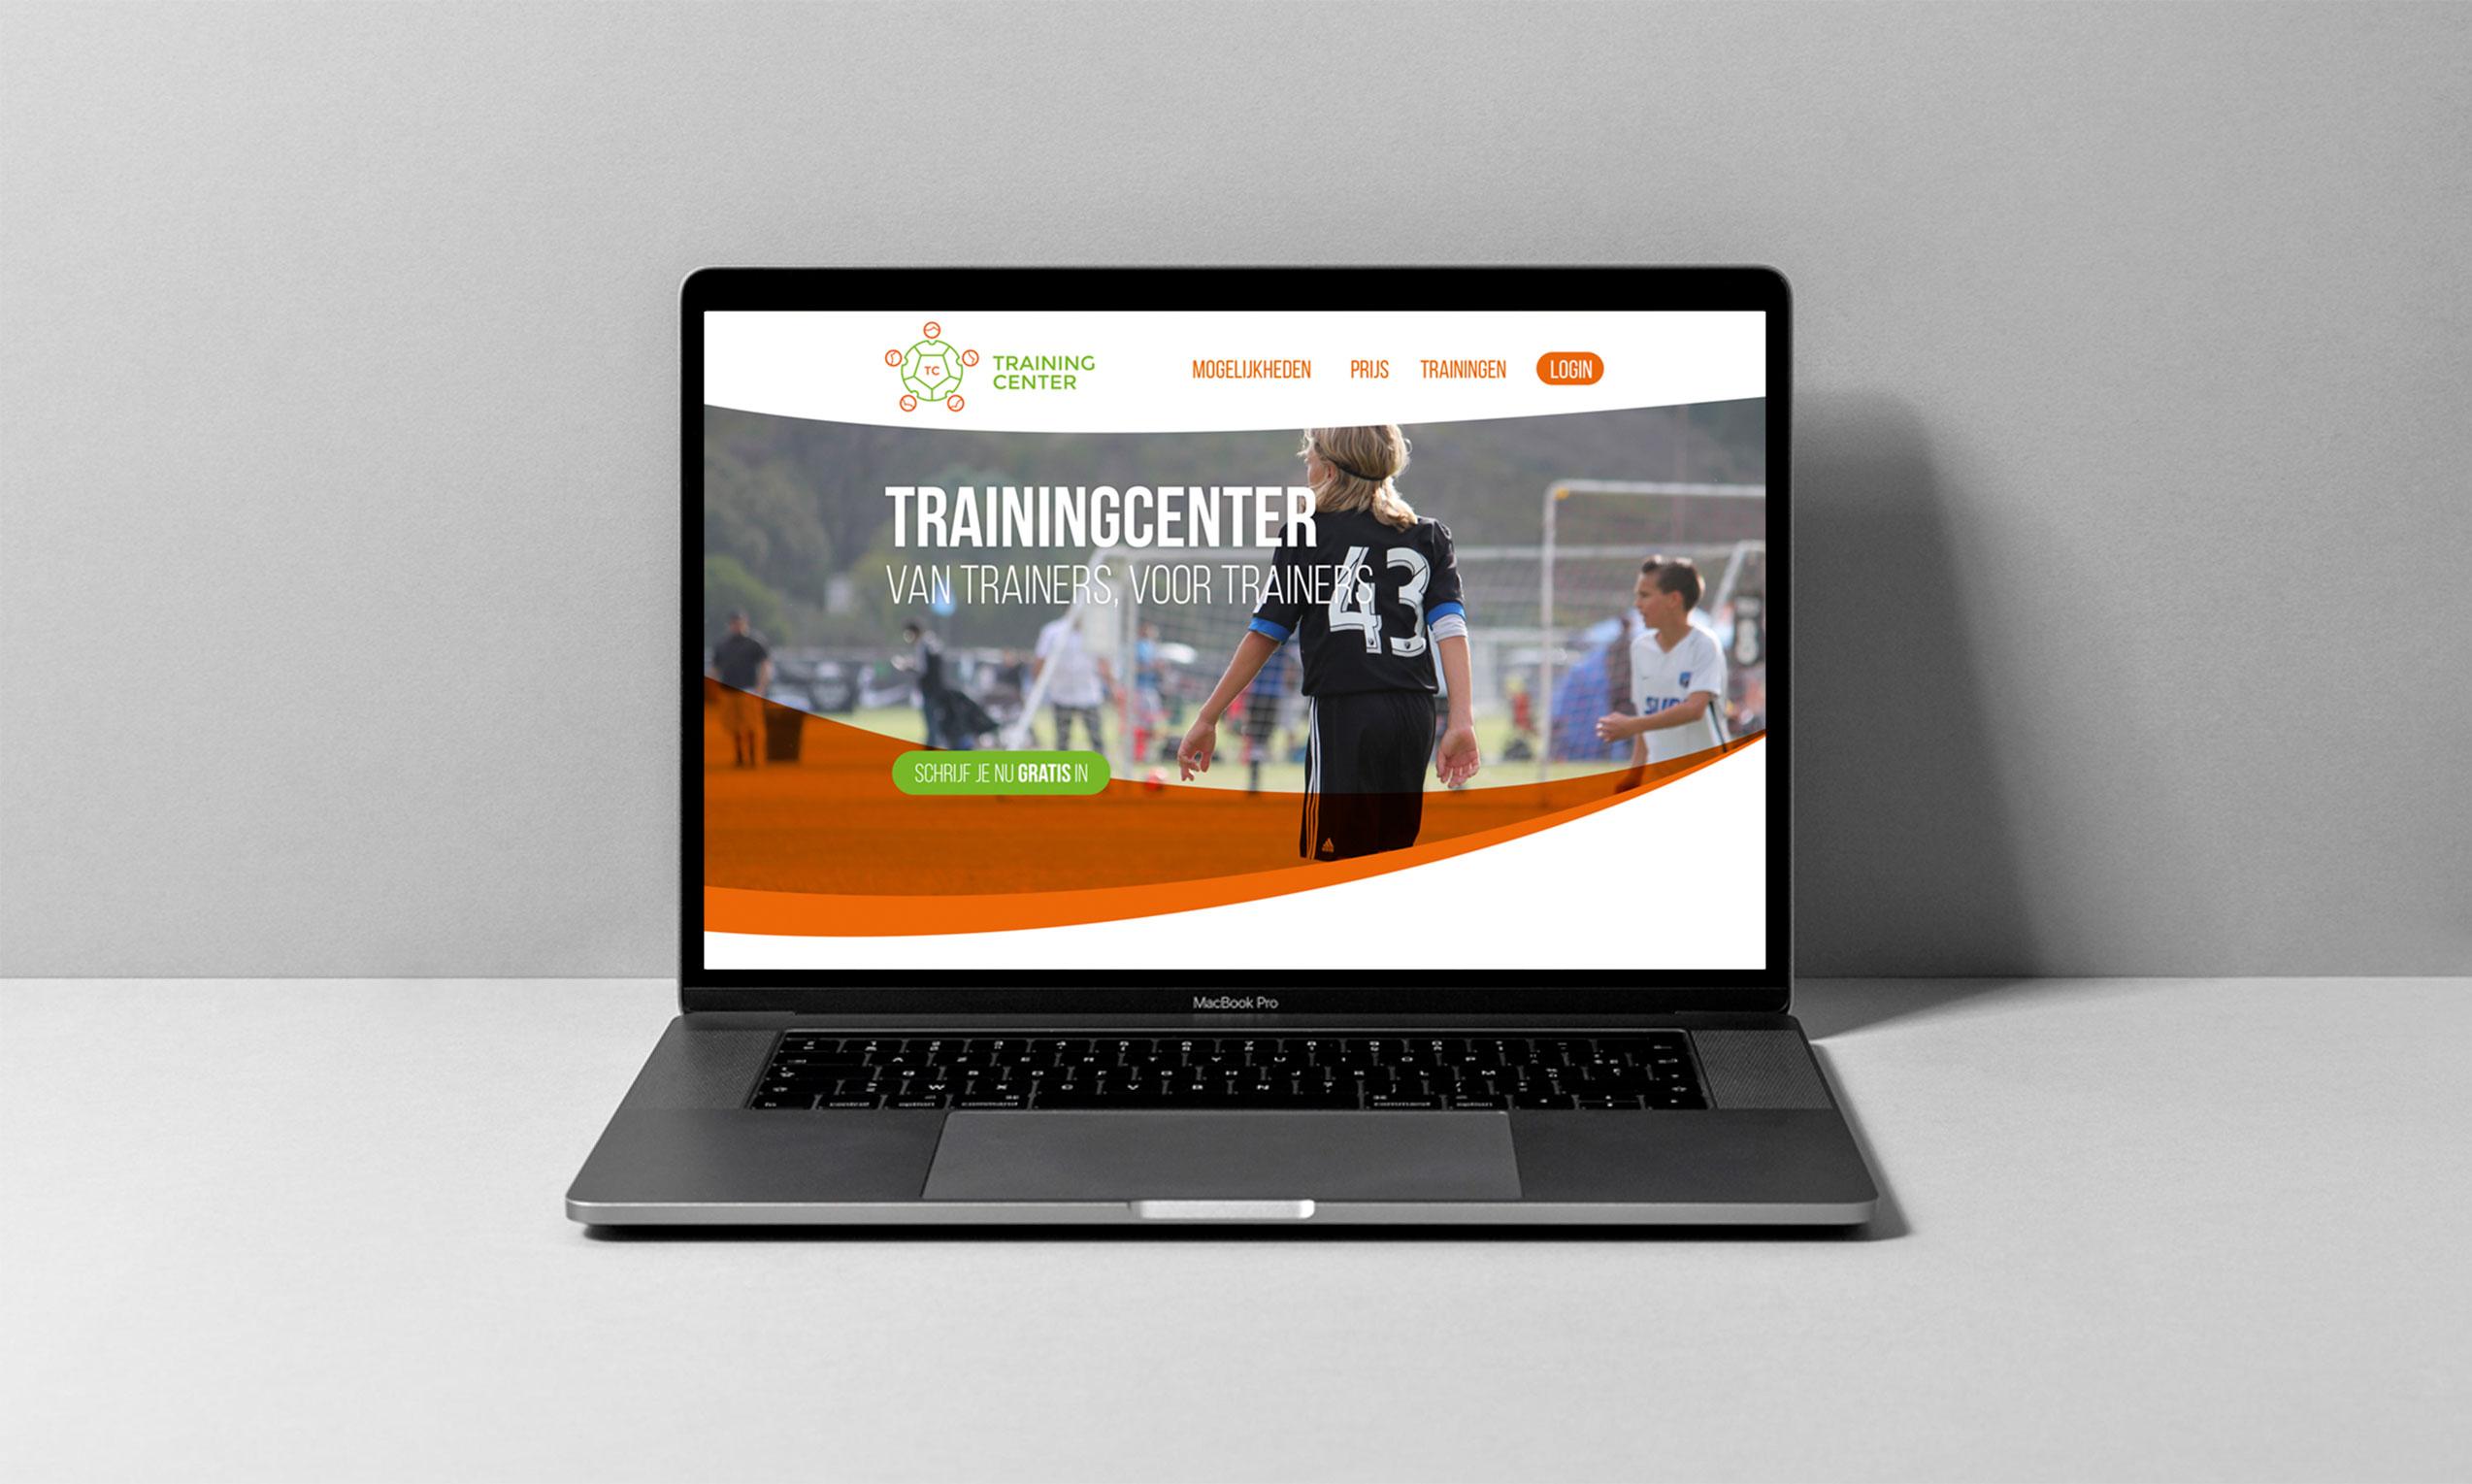 Foto van de TrainingCenter